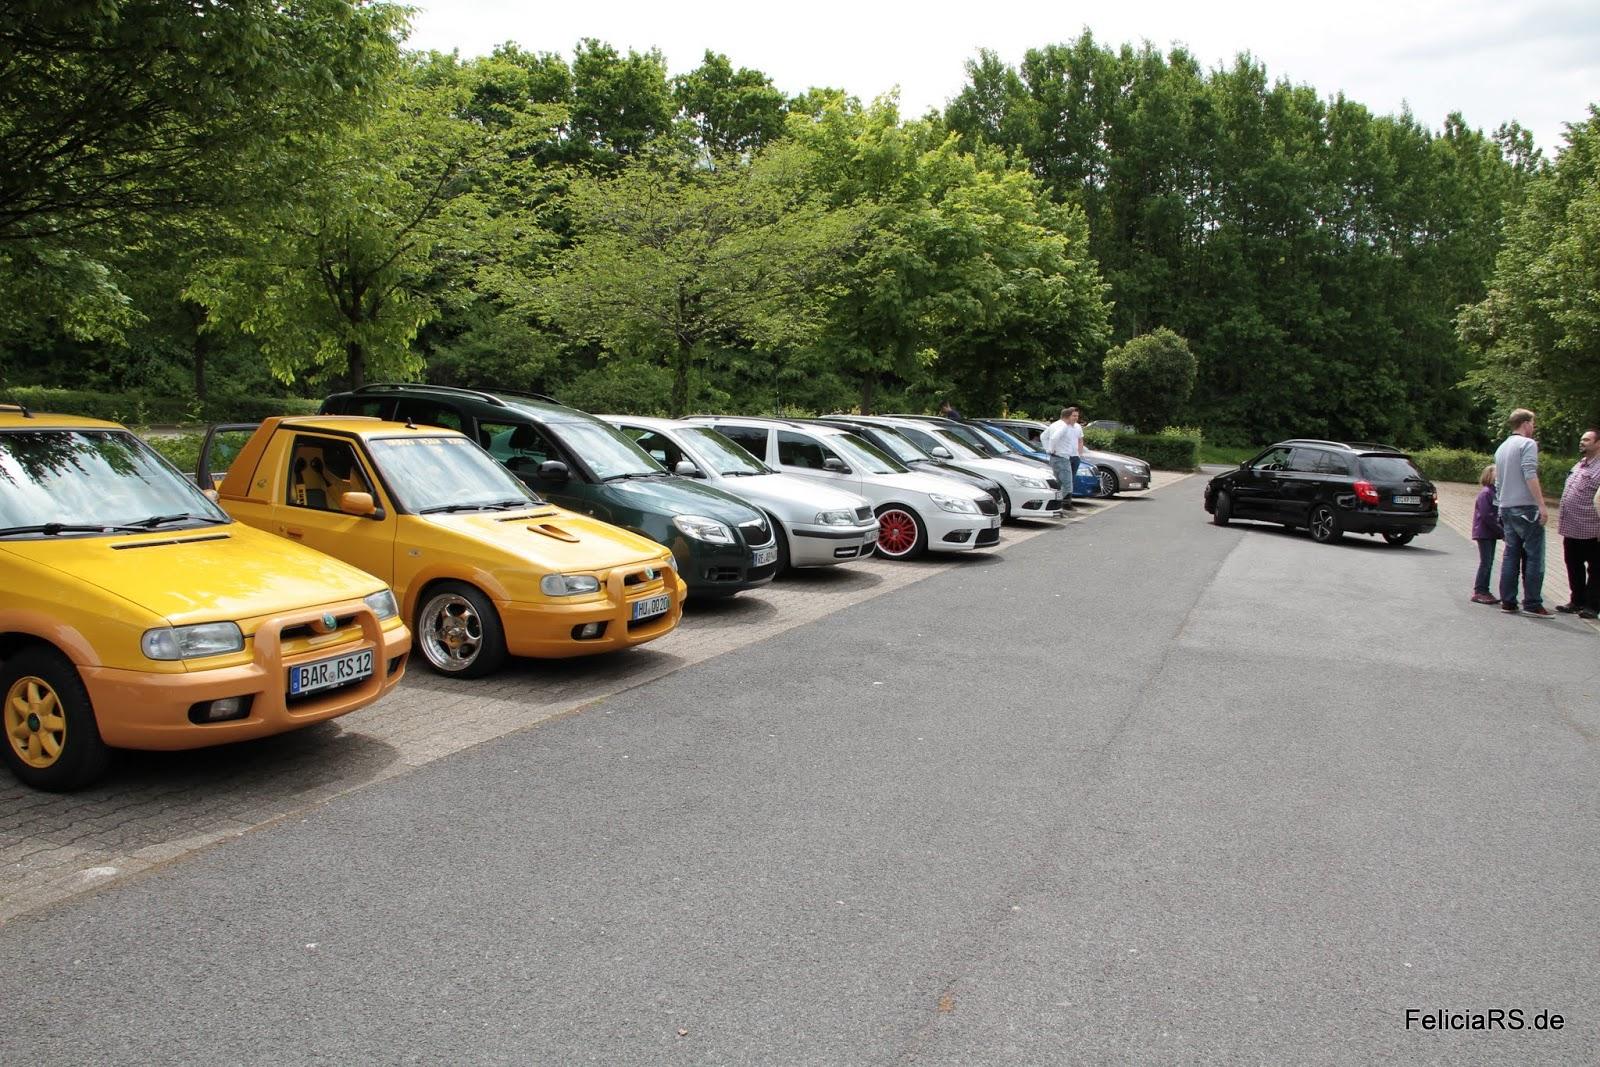 P+R Parkplatz Hemberg Sammeln der Autos